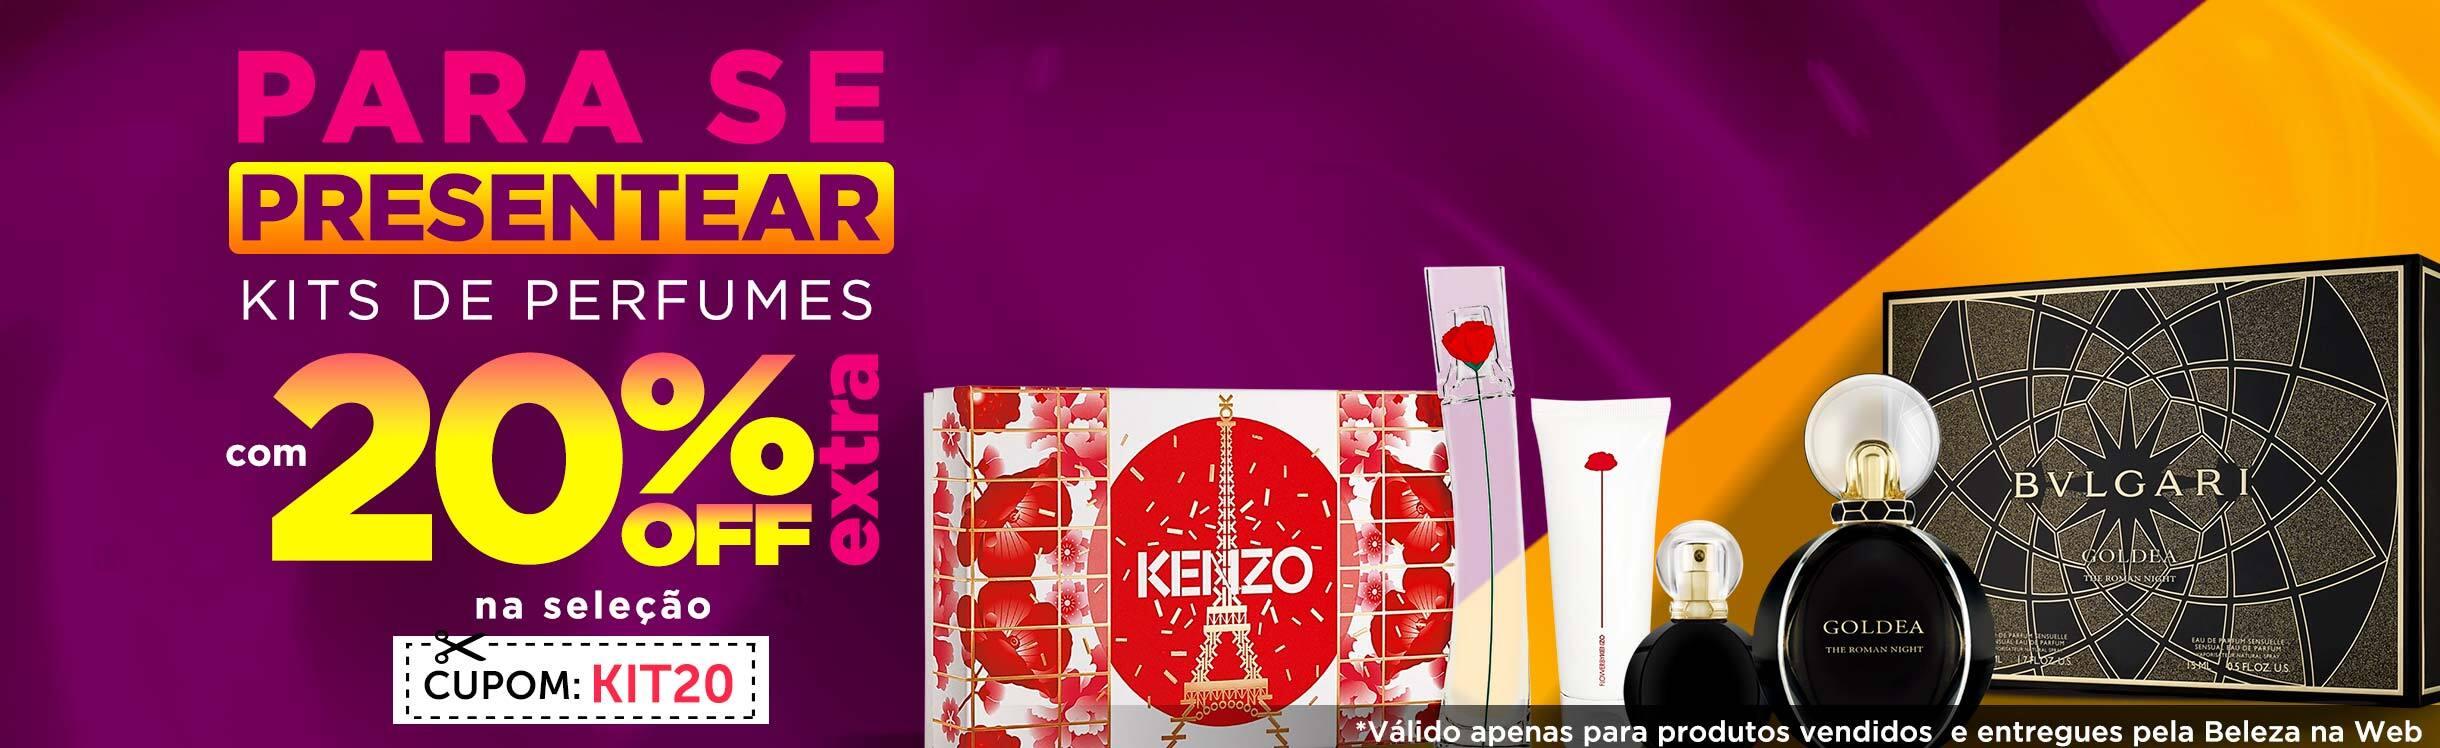 Kits para Presentear com 20% Extra